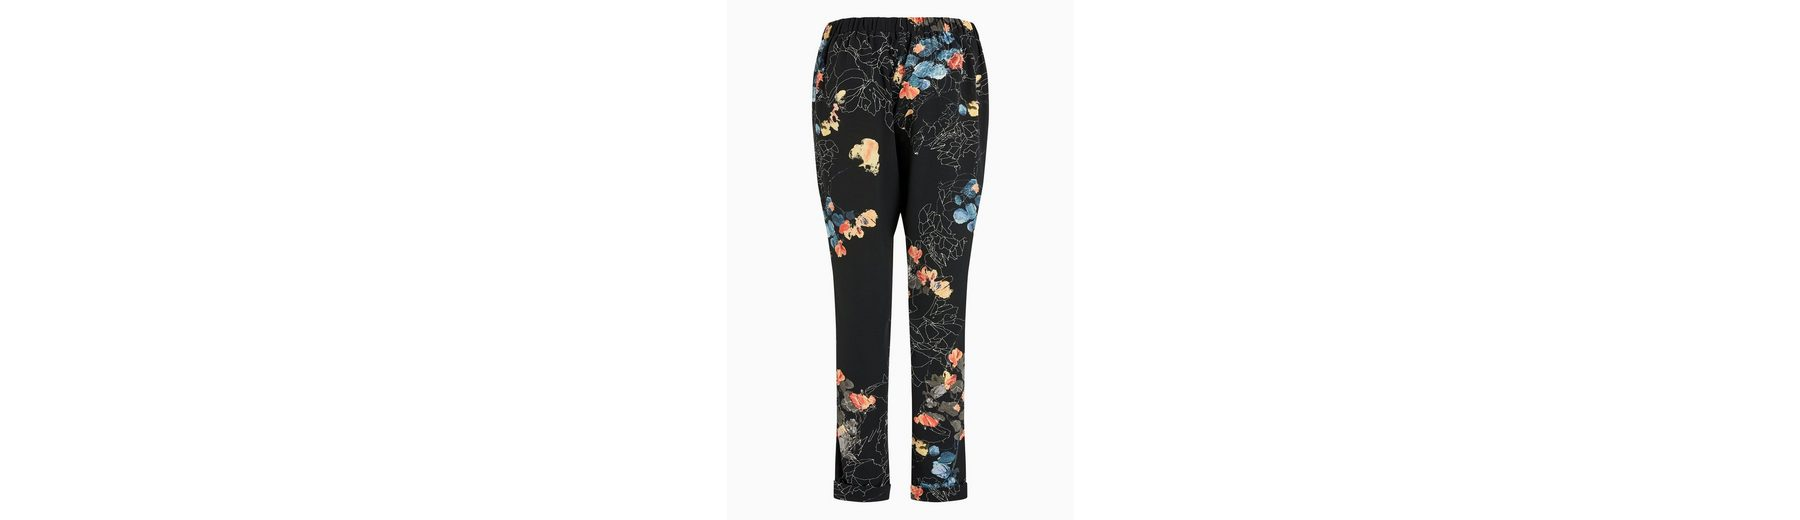 Next Hosen mit floralem Muster Verkauf Erschwinglich Spielraum Viele Arten Von Neue Online-Verkauf IqaTAhr2G